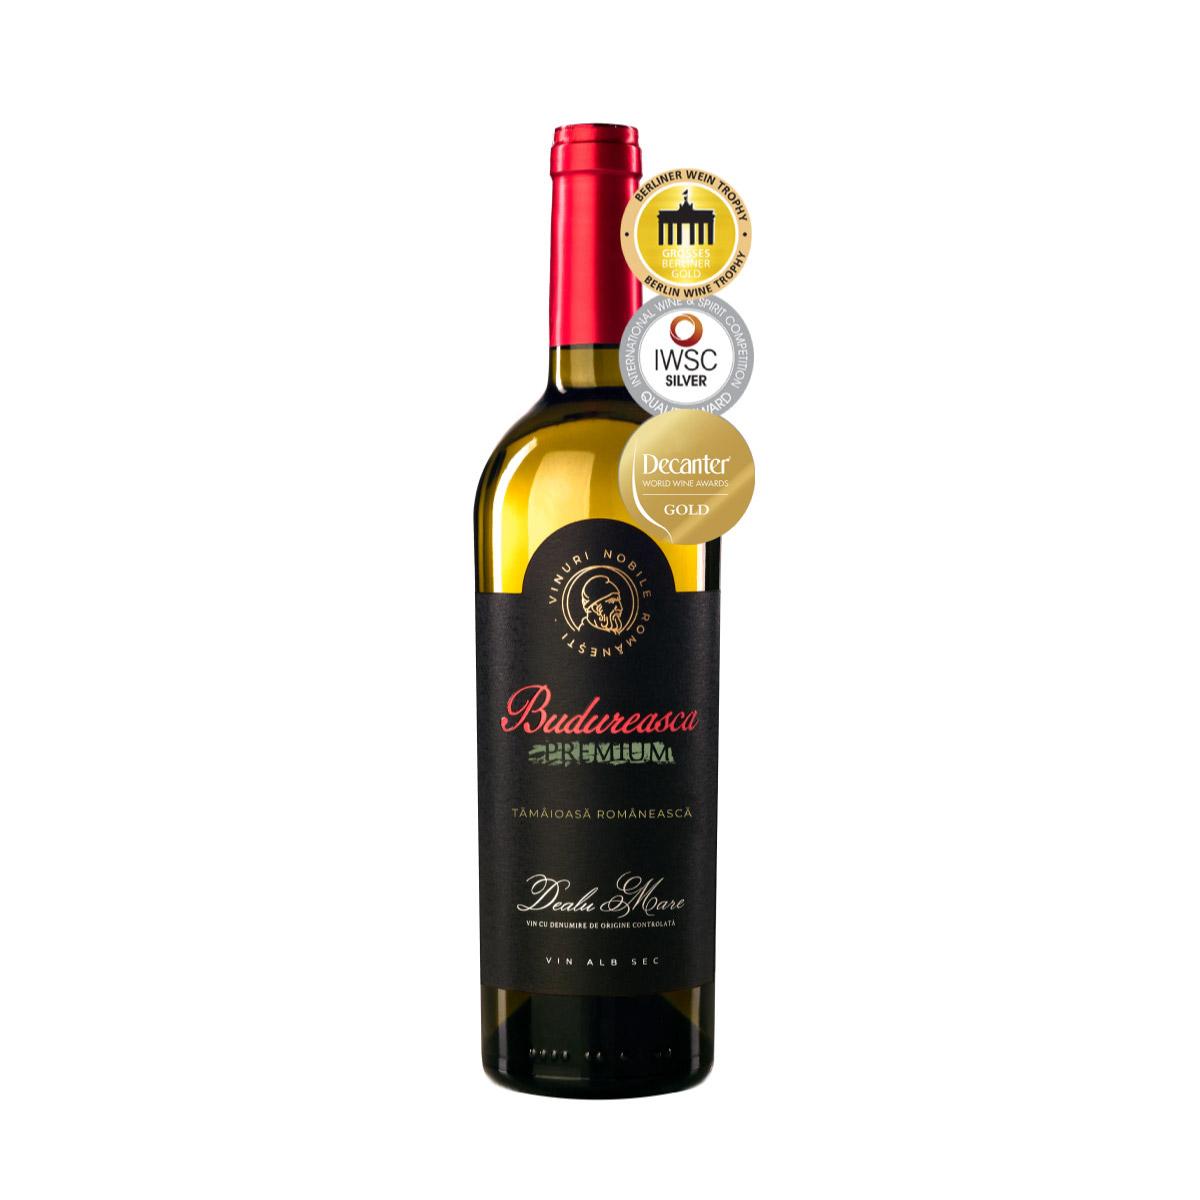 Budureasca Premium Tamaioasa Romaneasca - Romania